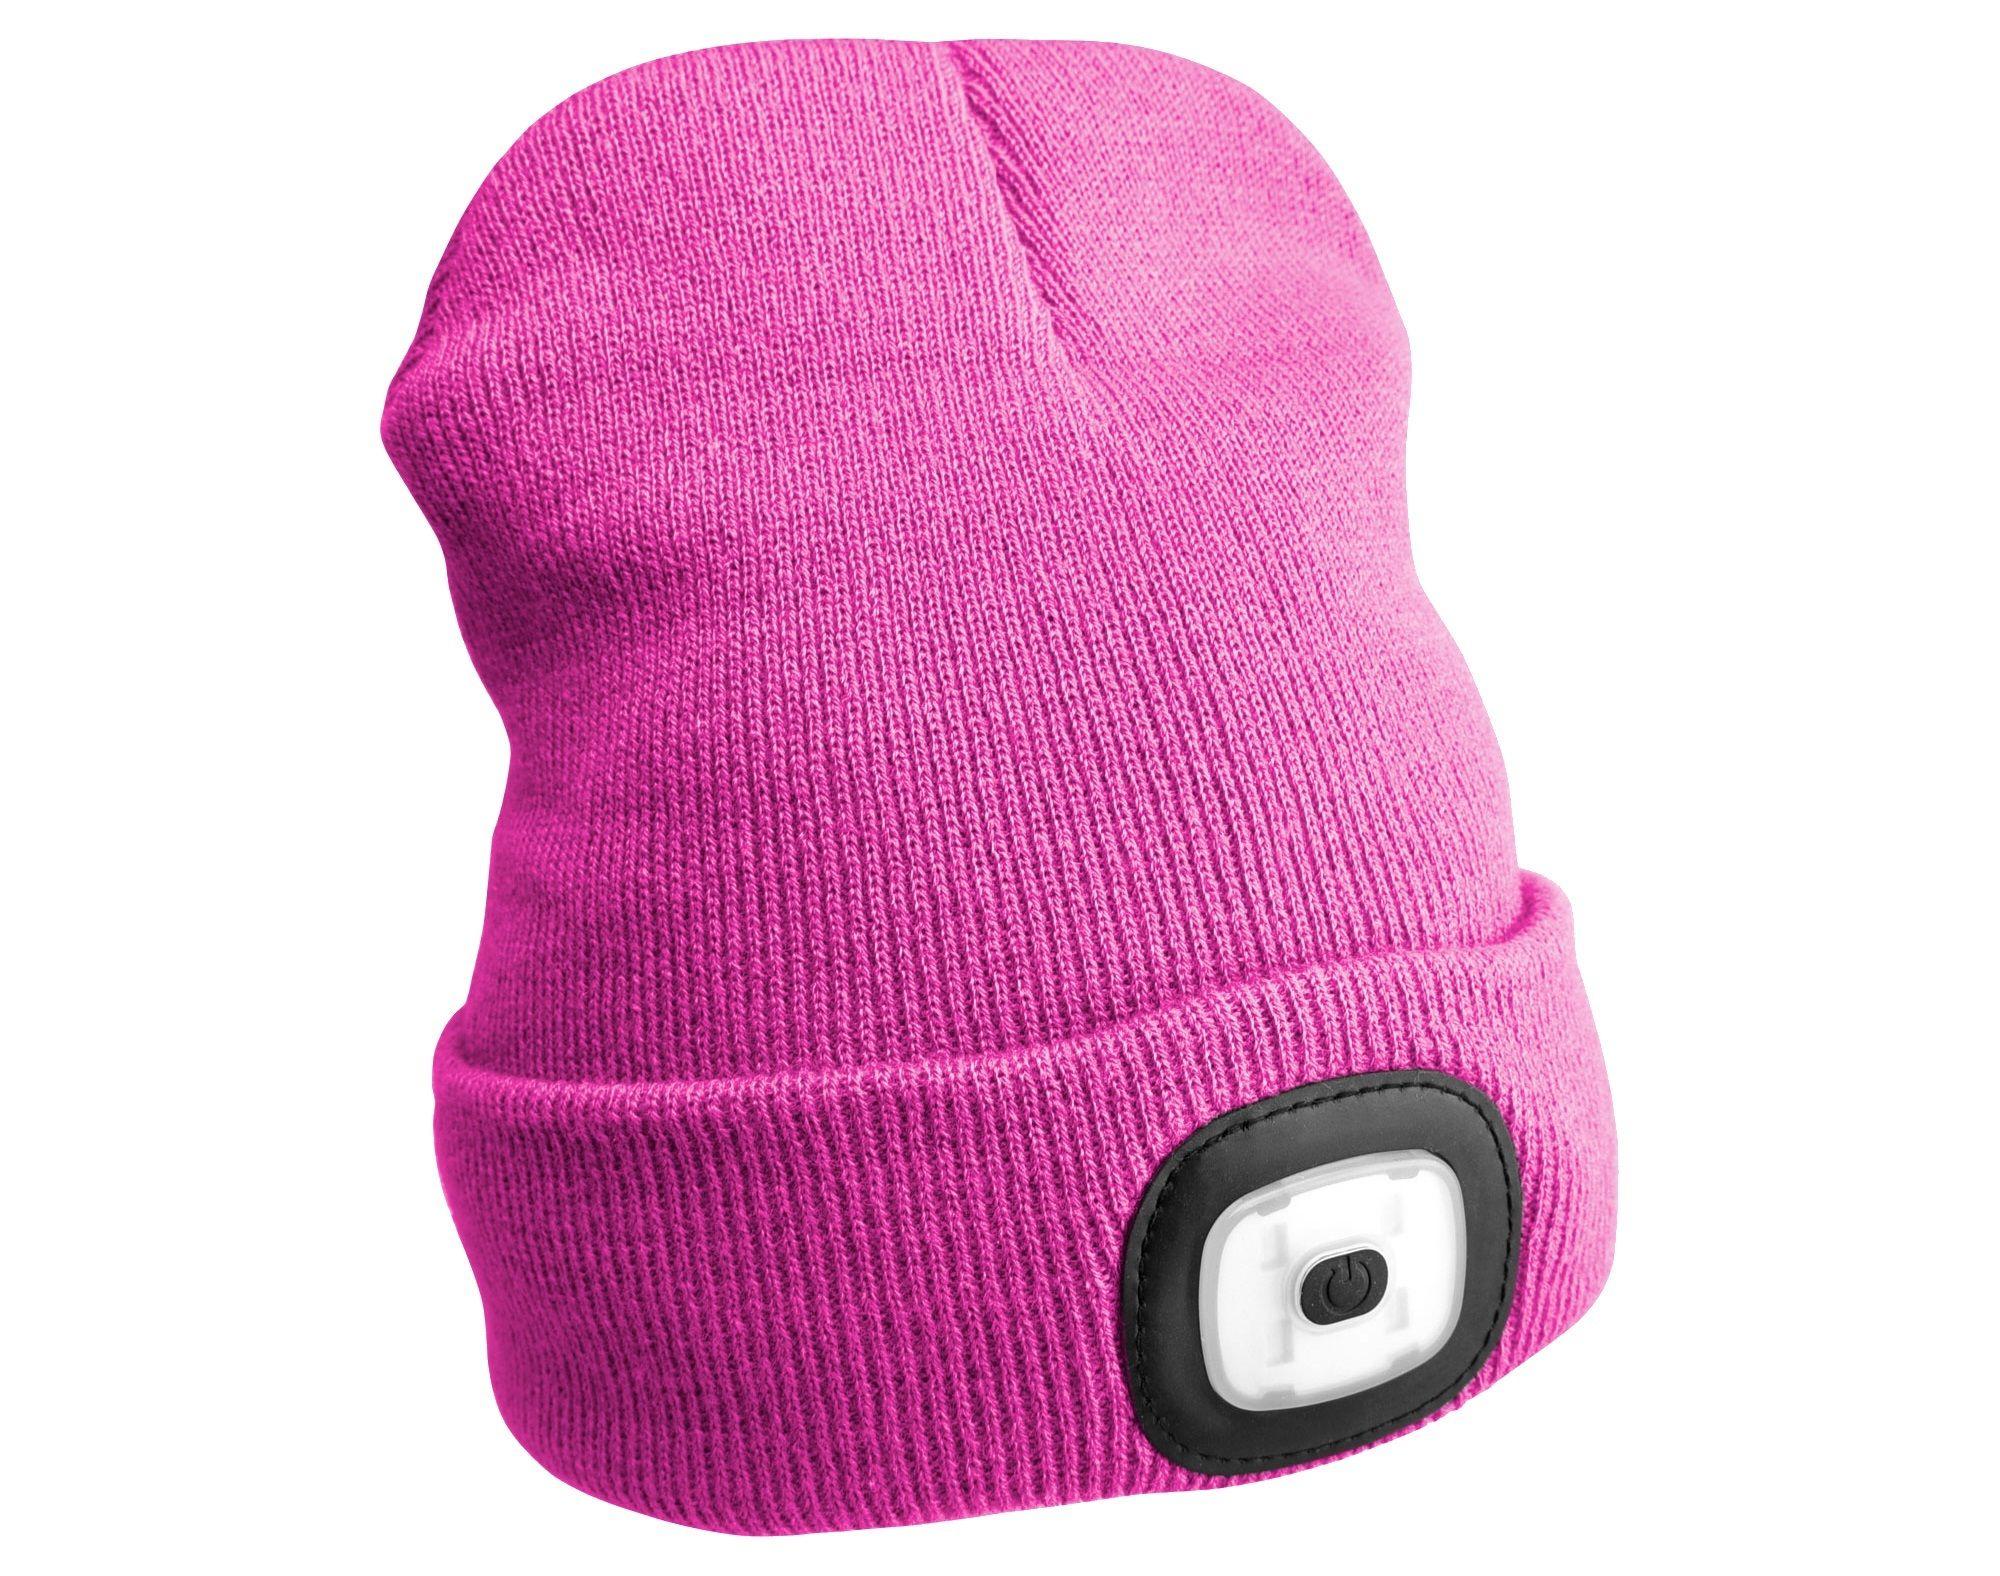 Čepice s čelovkou 180lm, nabíjecí, USB, univerzální velikost, růžová SIXTOL